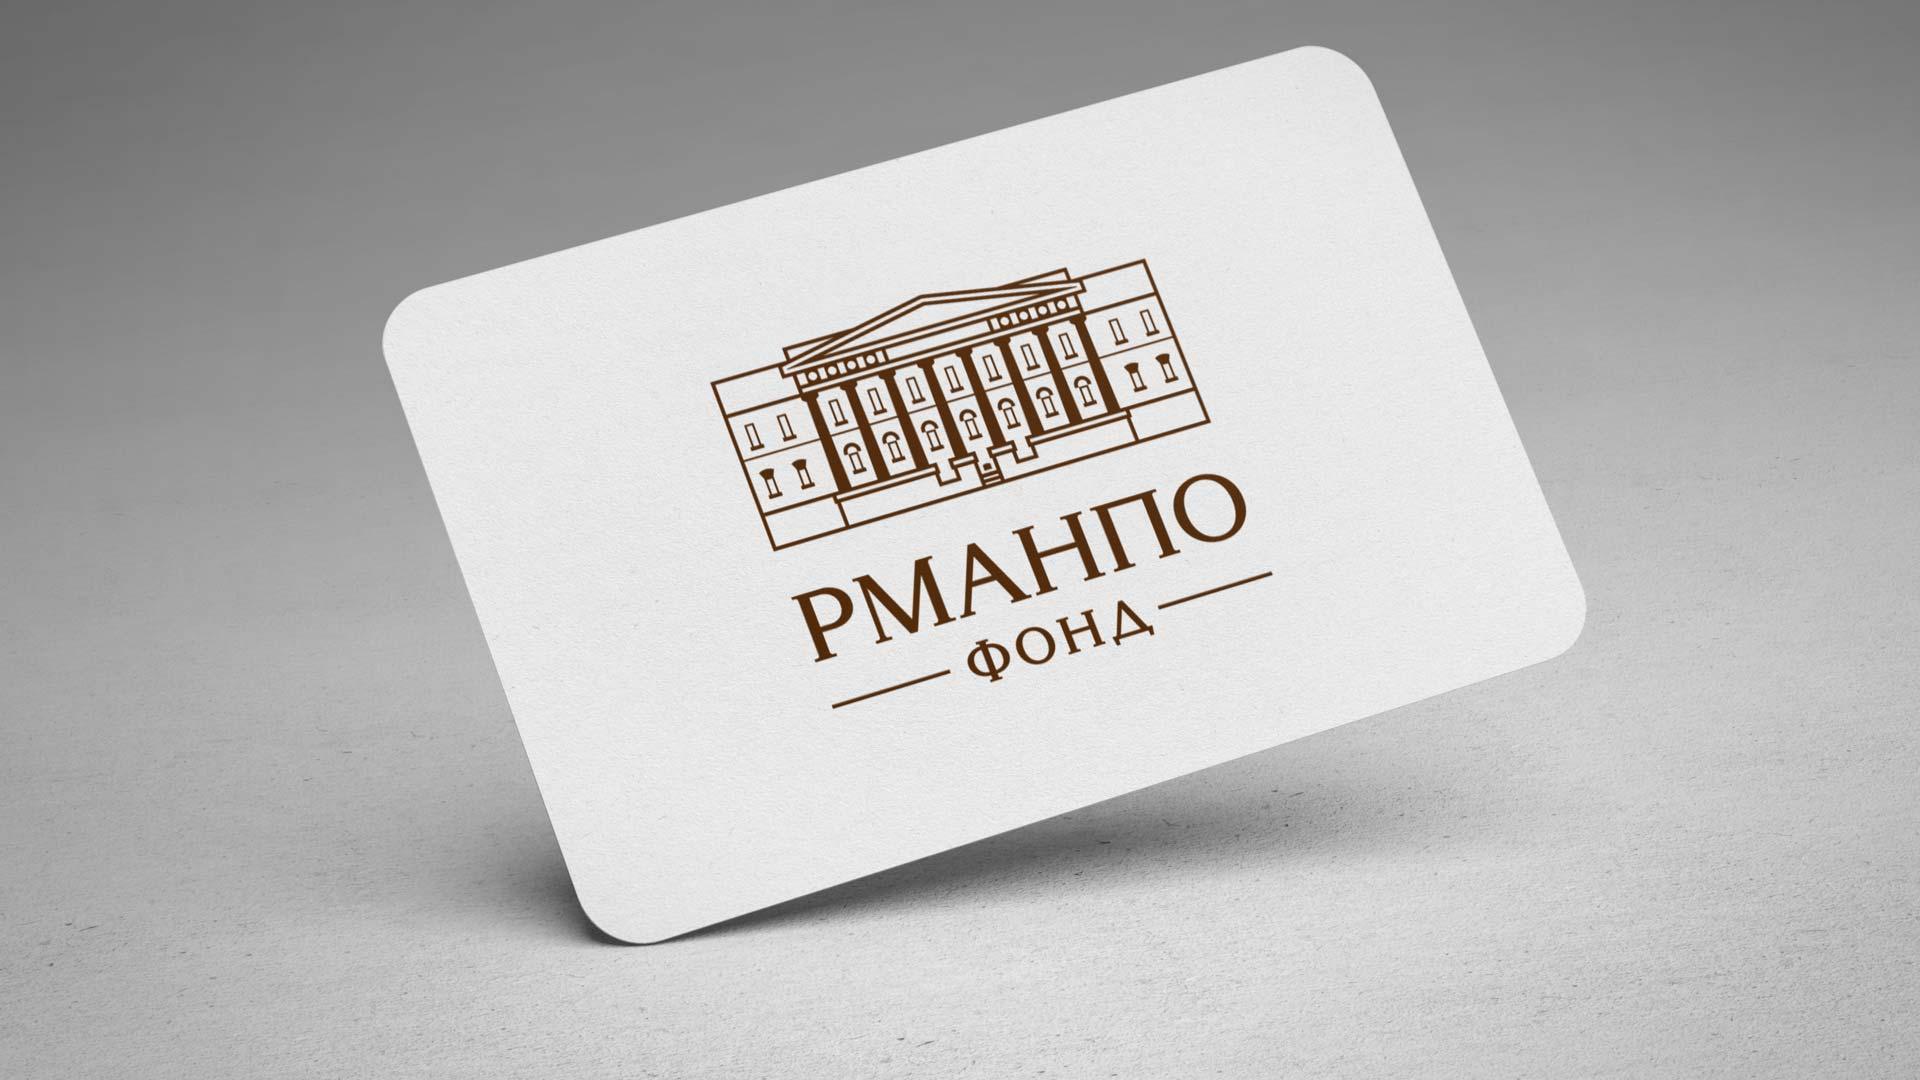 Разработка логотипа РМАНПО ФОНД - карточка